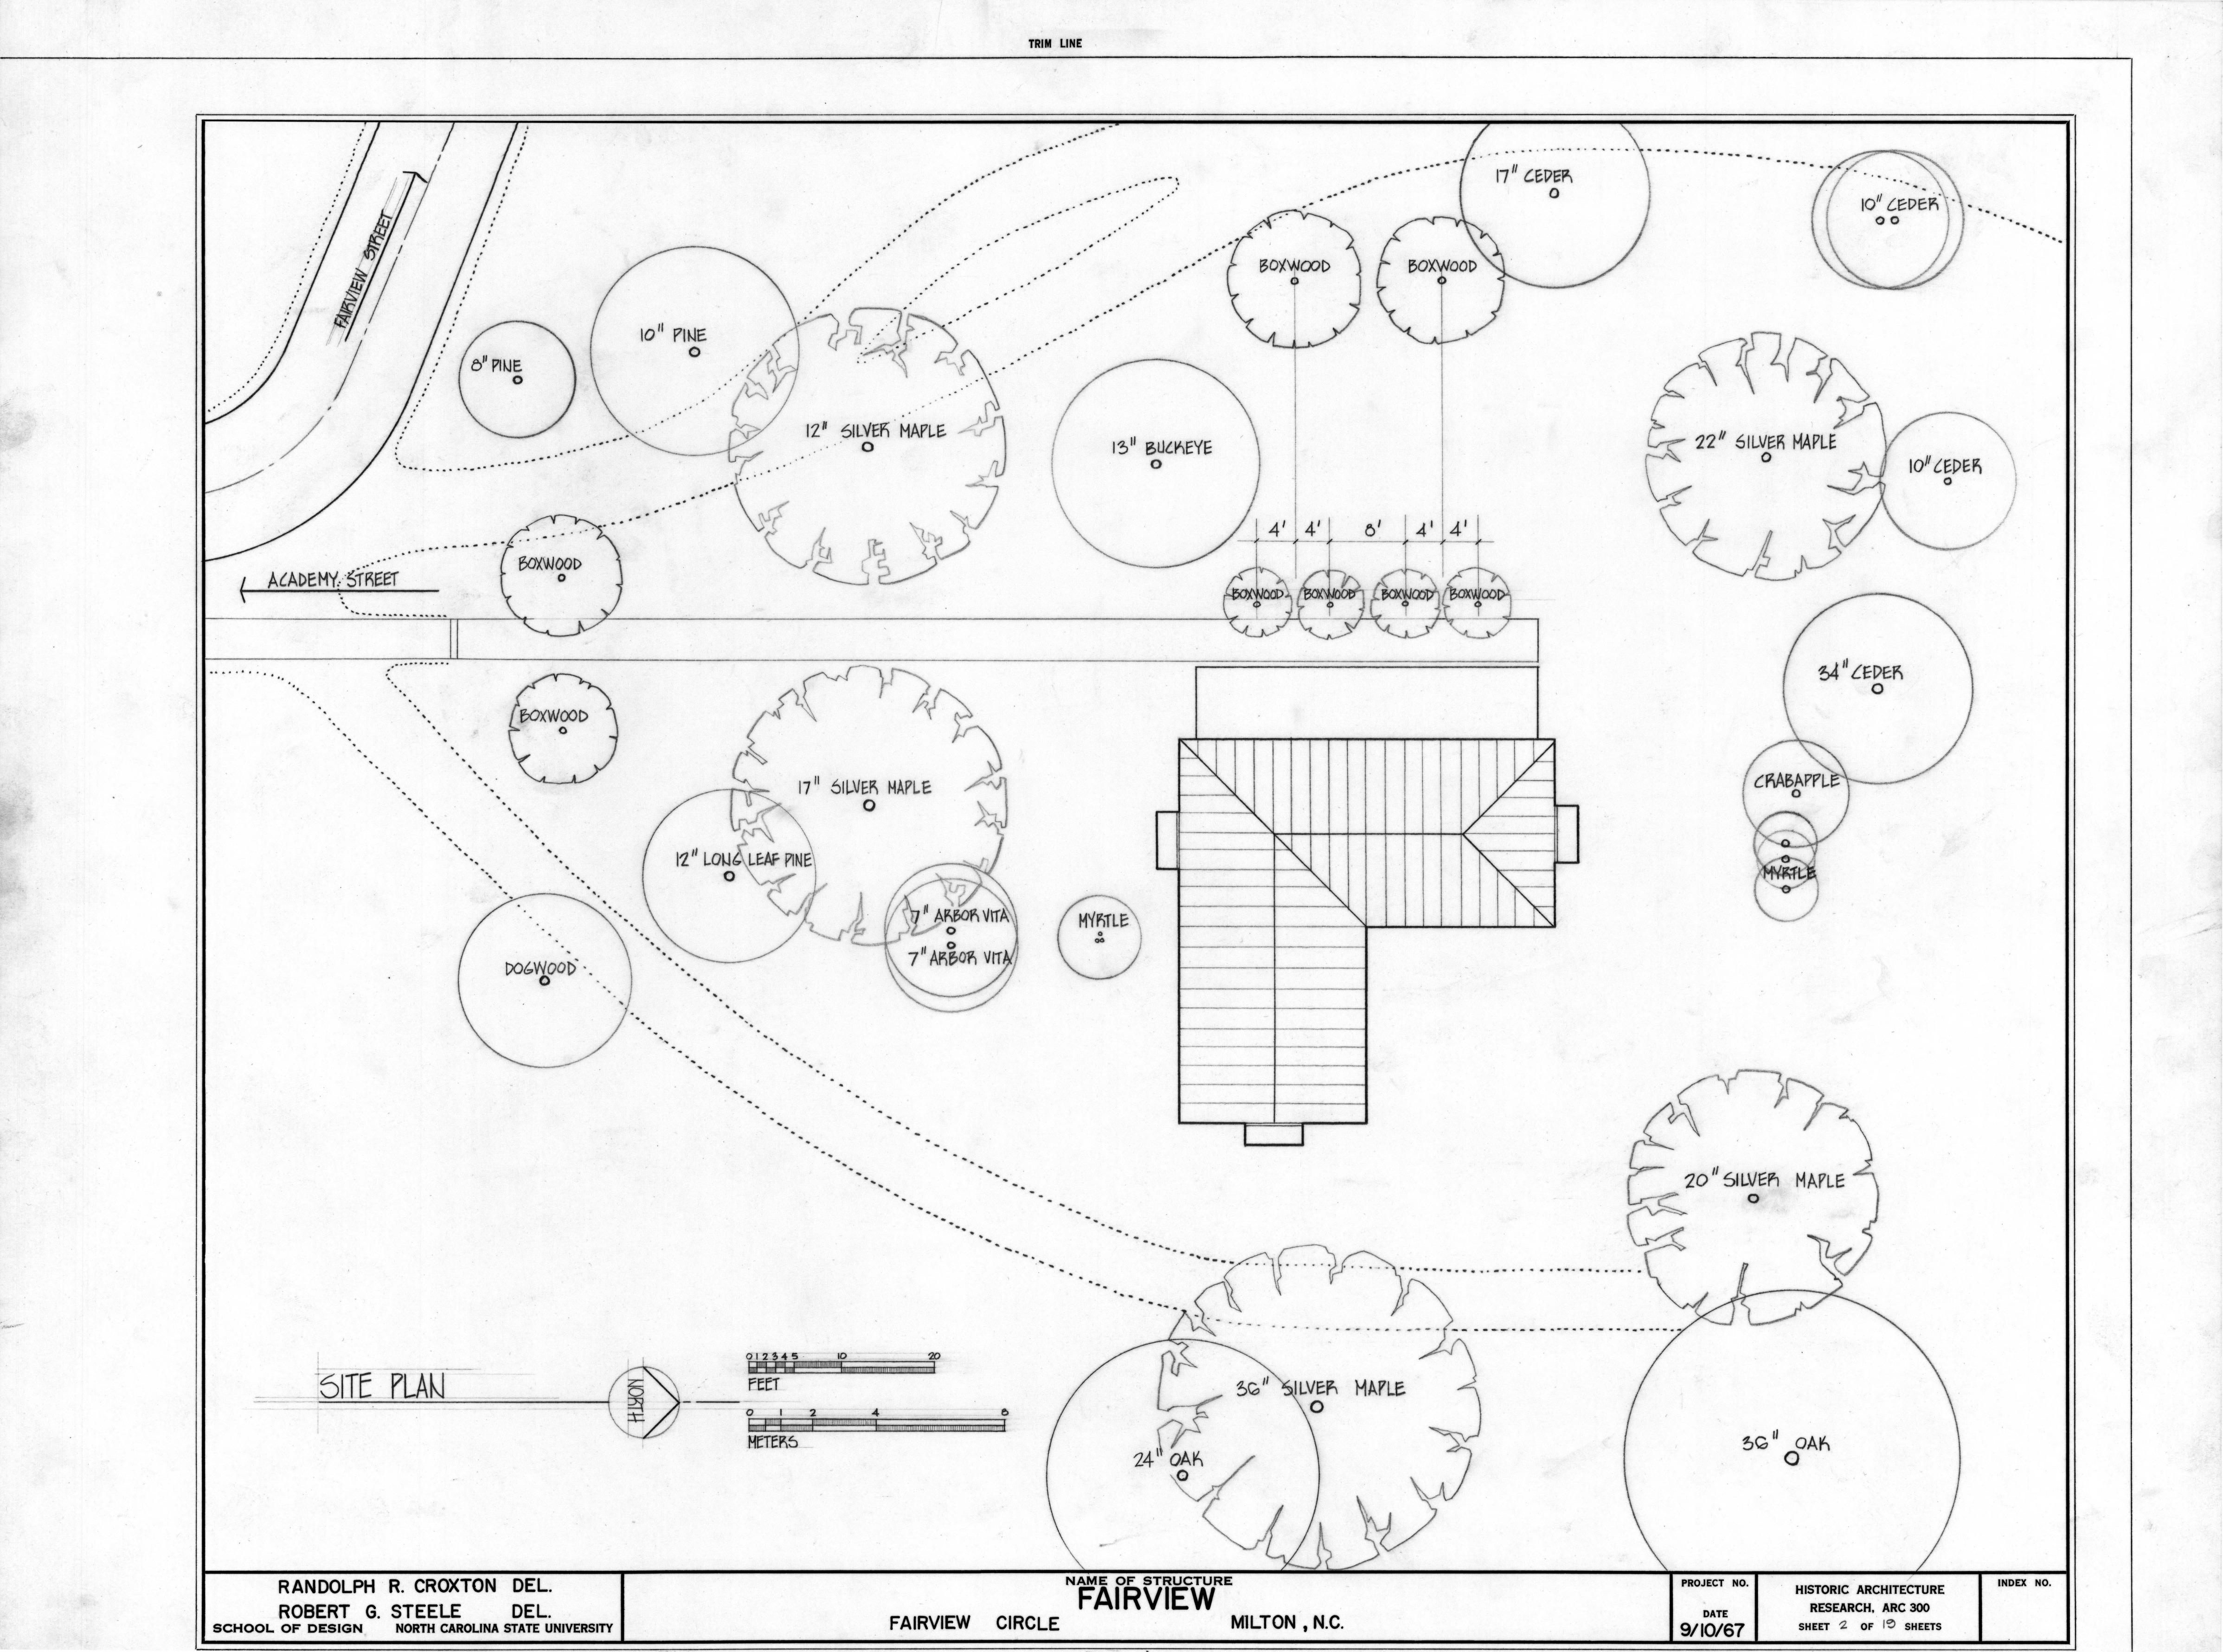 Site plan asa thomas house milton north carolina asa for Websites to design houses for free